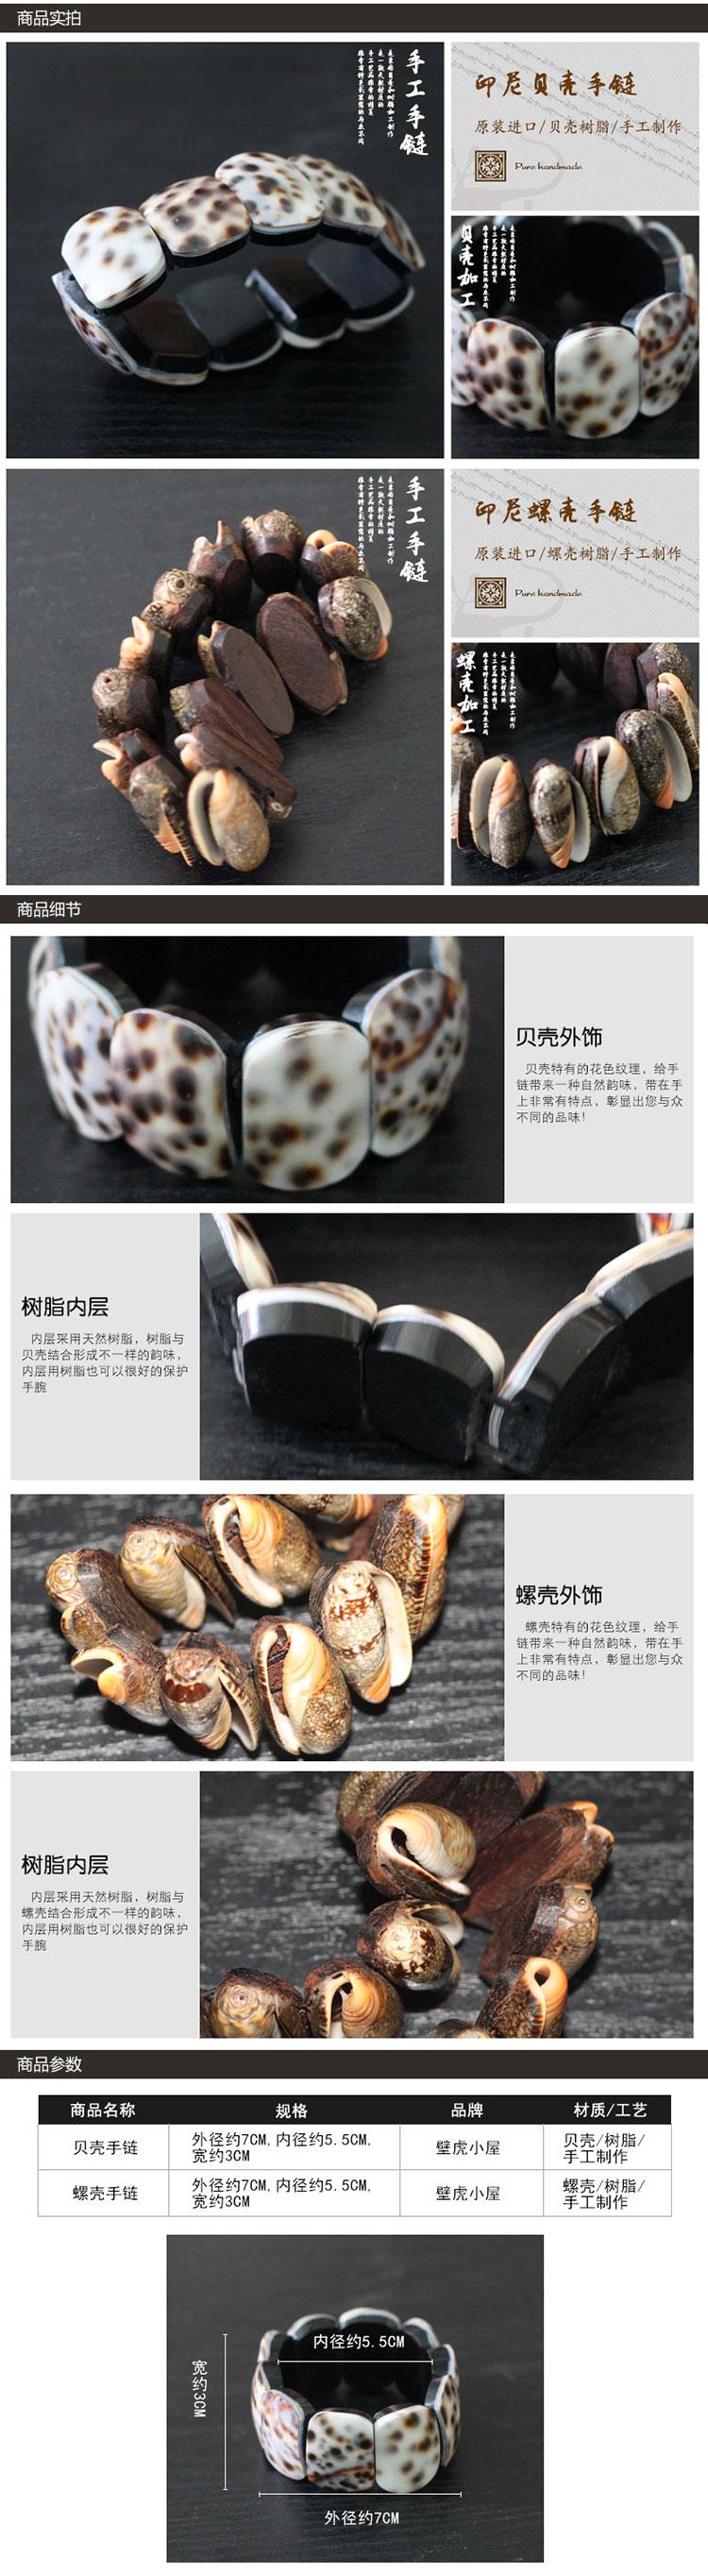 印尼巴厘岛特色创意手链贝壳螺壳工艺品